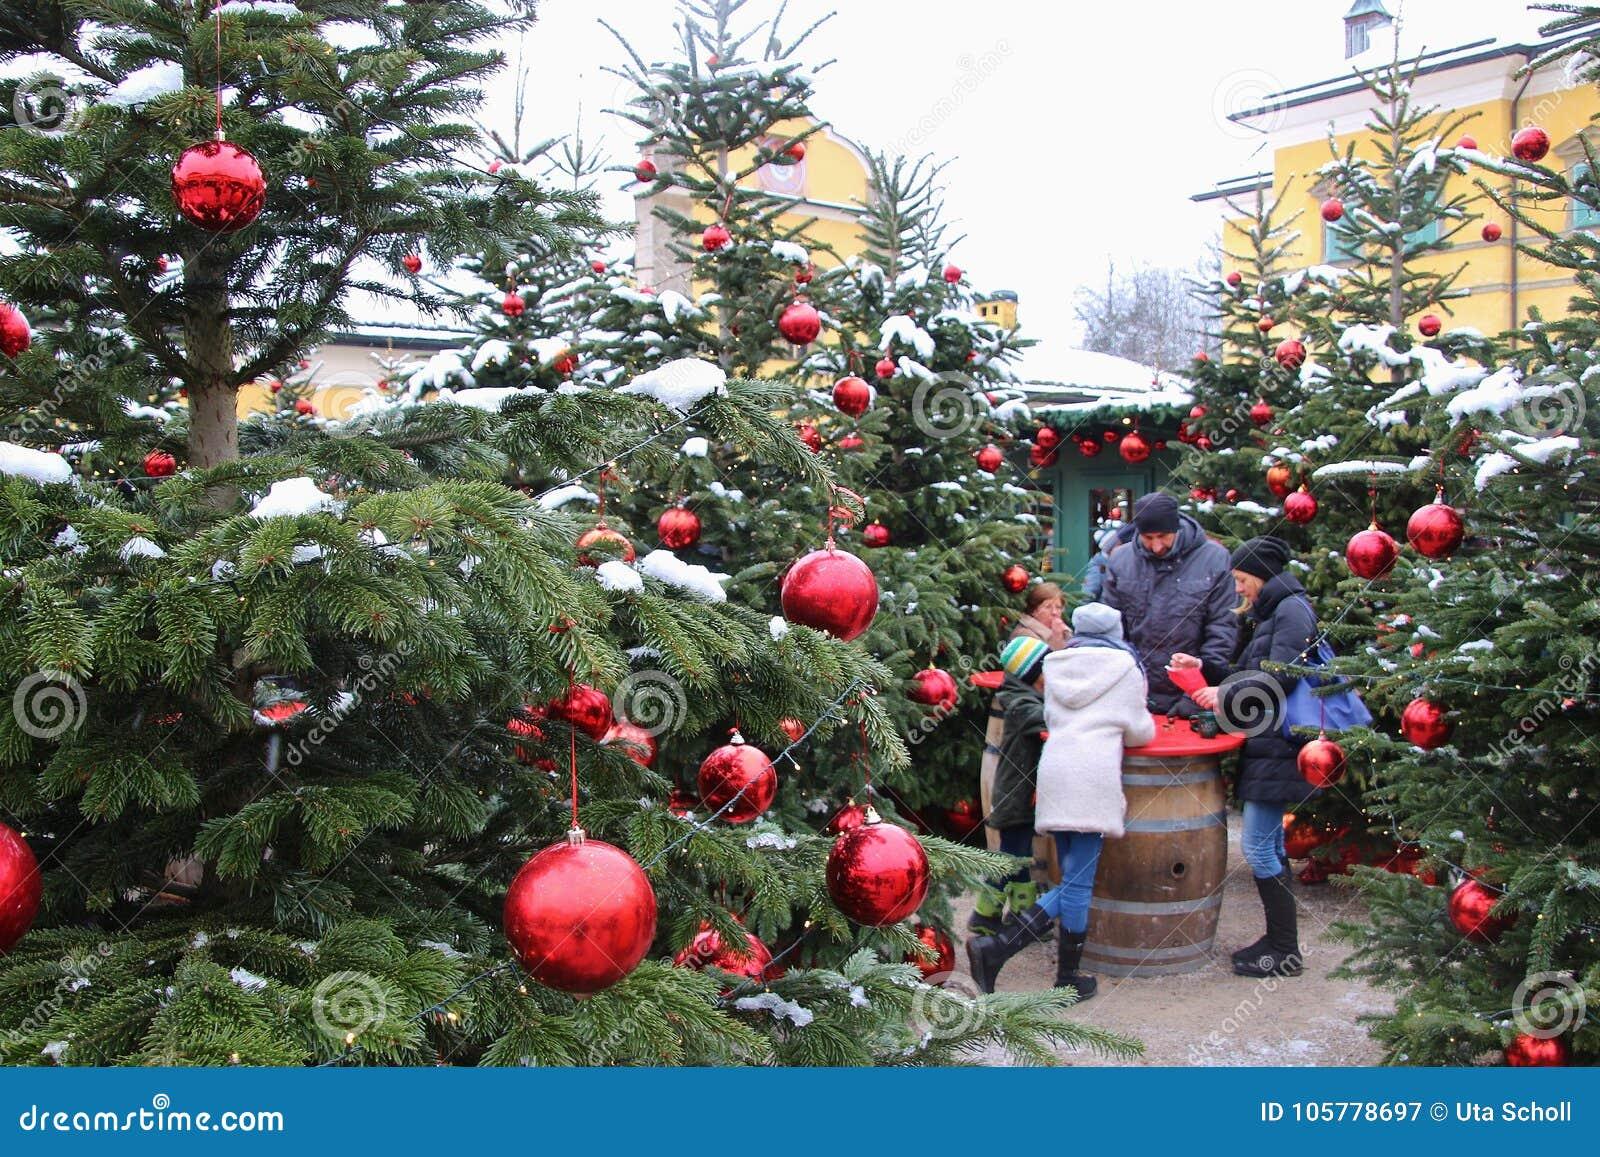 österreich Weihnachtsbaum.Verzierte Weihnachtsbäume Am Weihnachtsmarkt Von Hellbrunn Palast